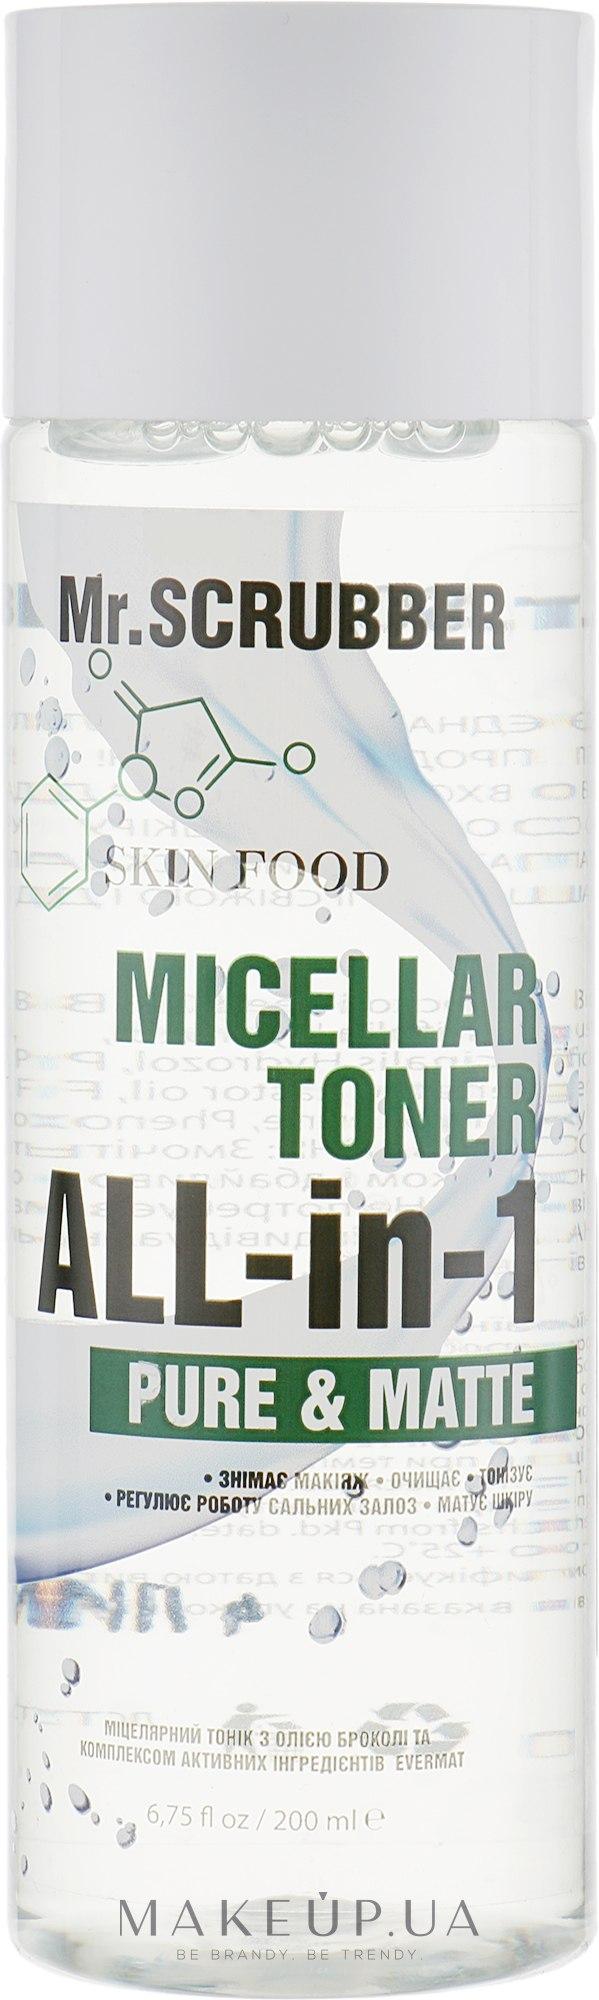 Мицеллярный тоник с маслом брокколи (Mr.Scrubber Skin Food Micellar Toner Pure & Matte)